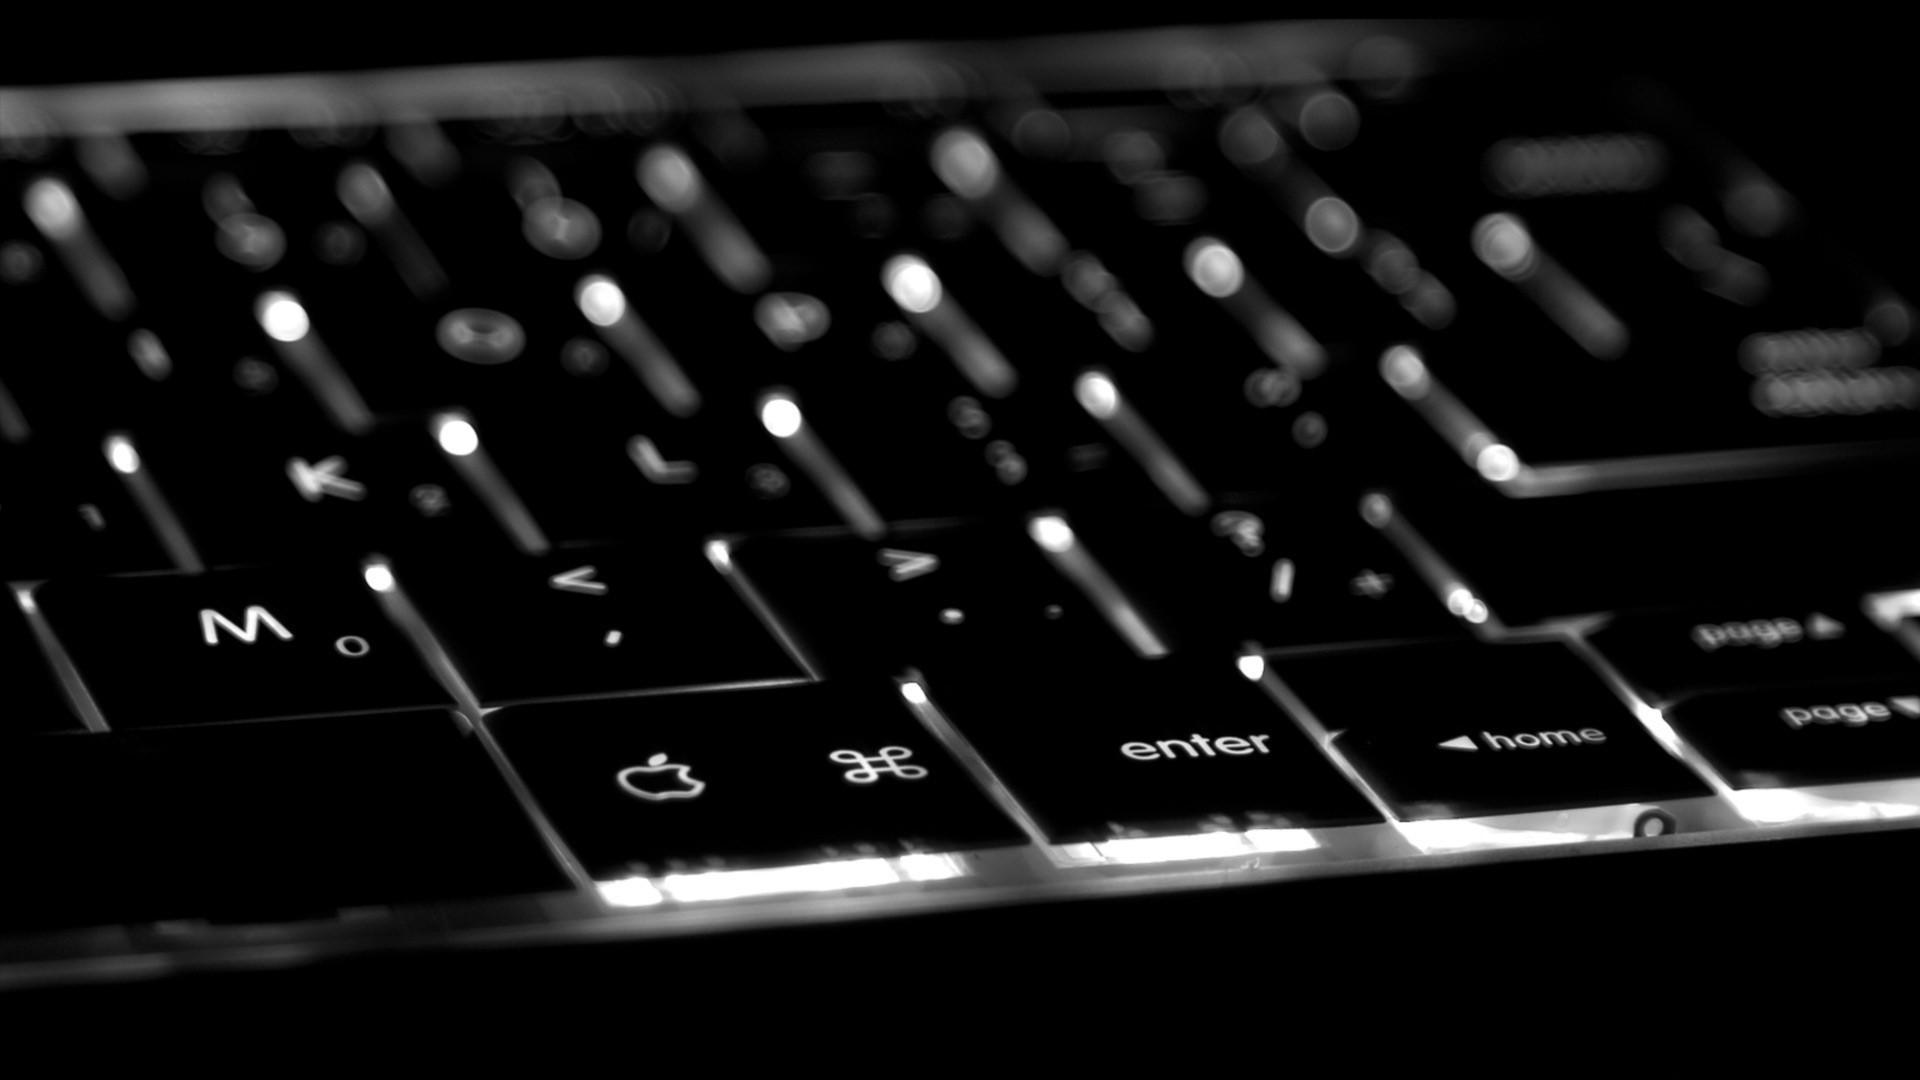 Клавиатура планета креатив бесплатно